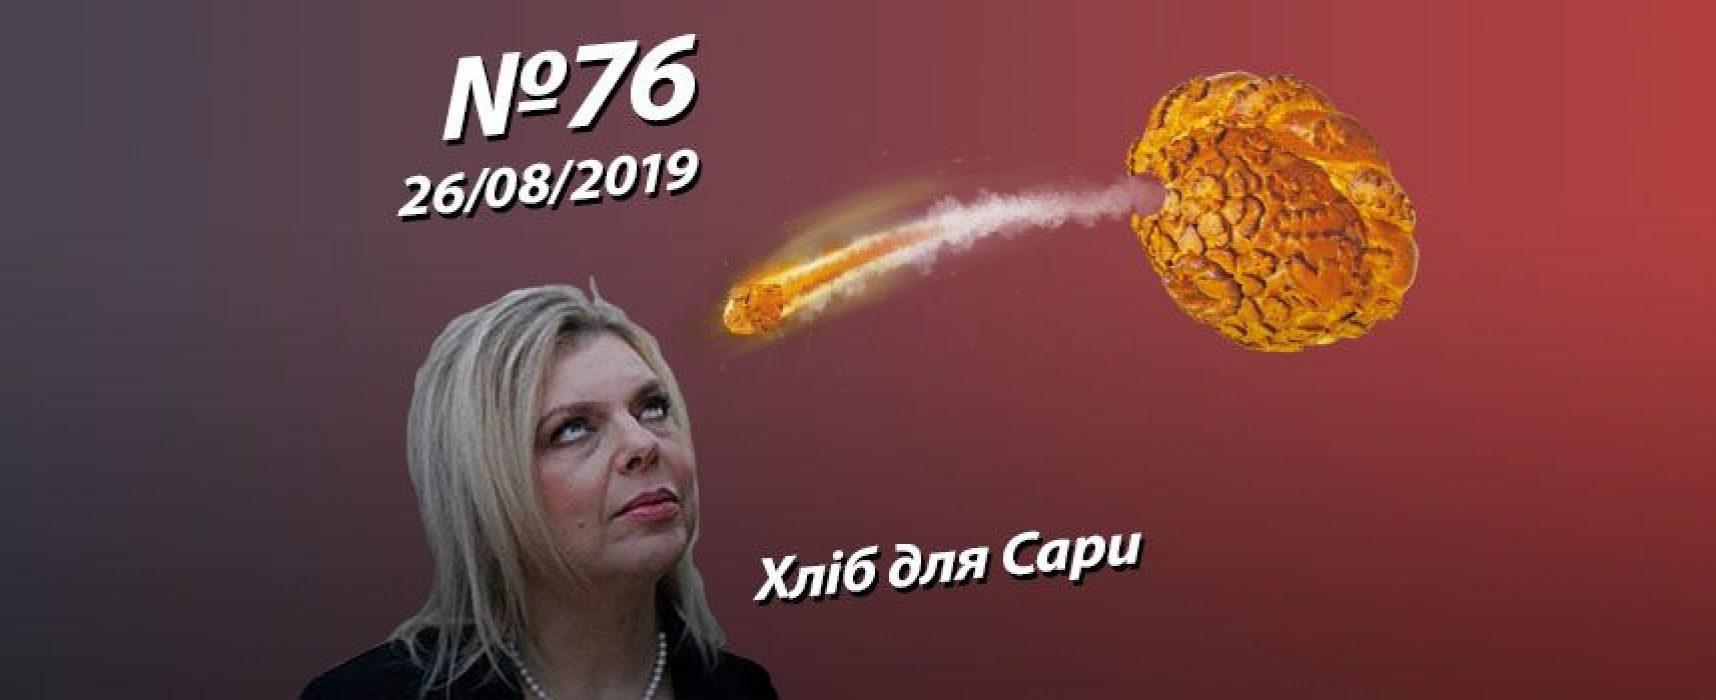 """""""Хліб для Сари"""" та інші маніпуляції під час візиту Беньяміна Нетаньяху в Україну – StopFake.org"""